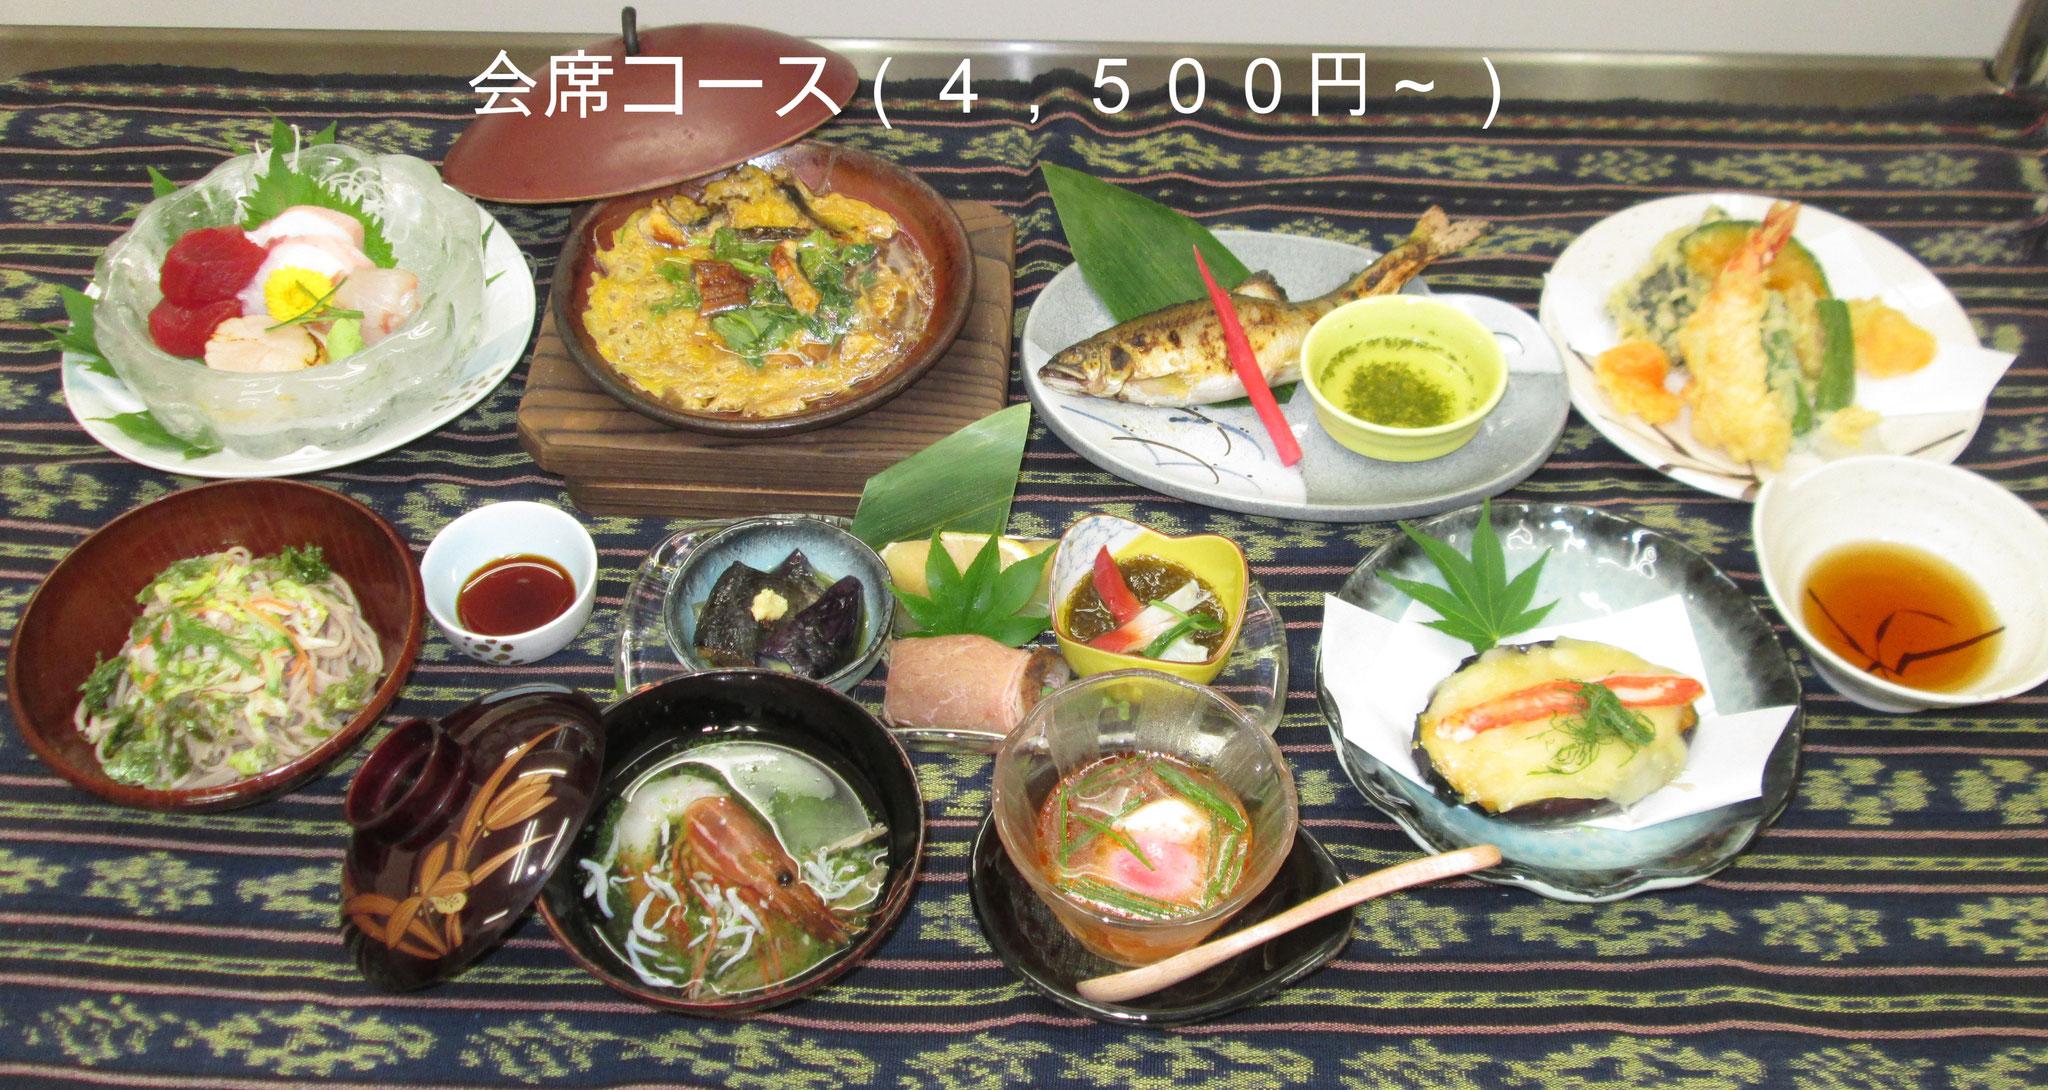 お食事処さゝ川 コース料理